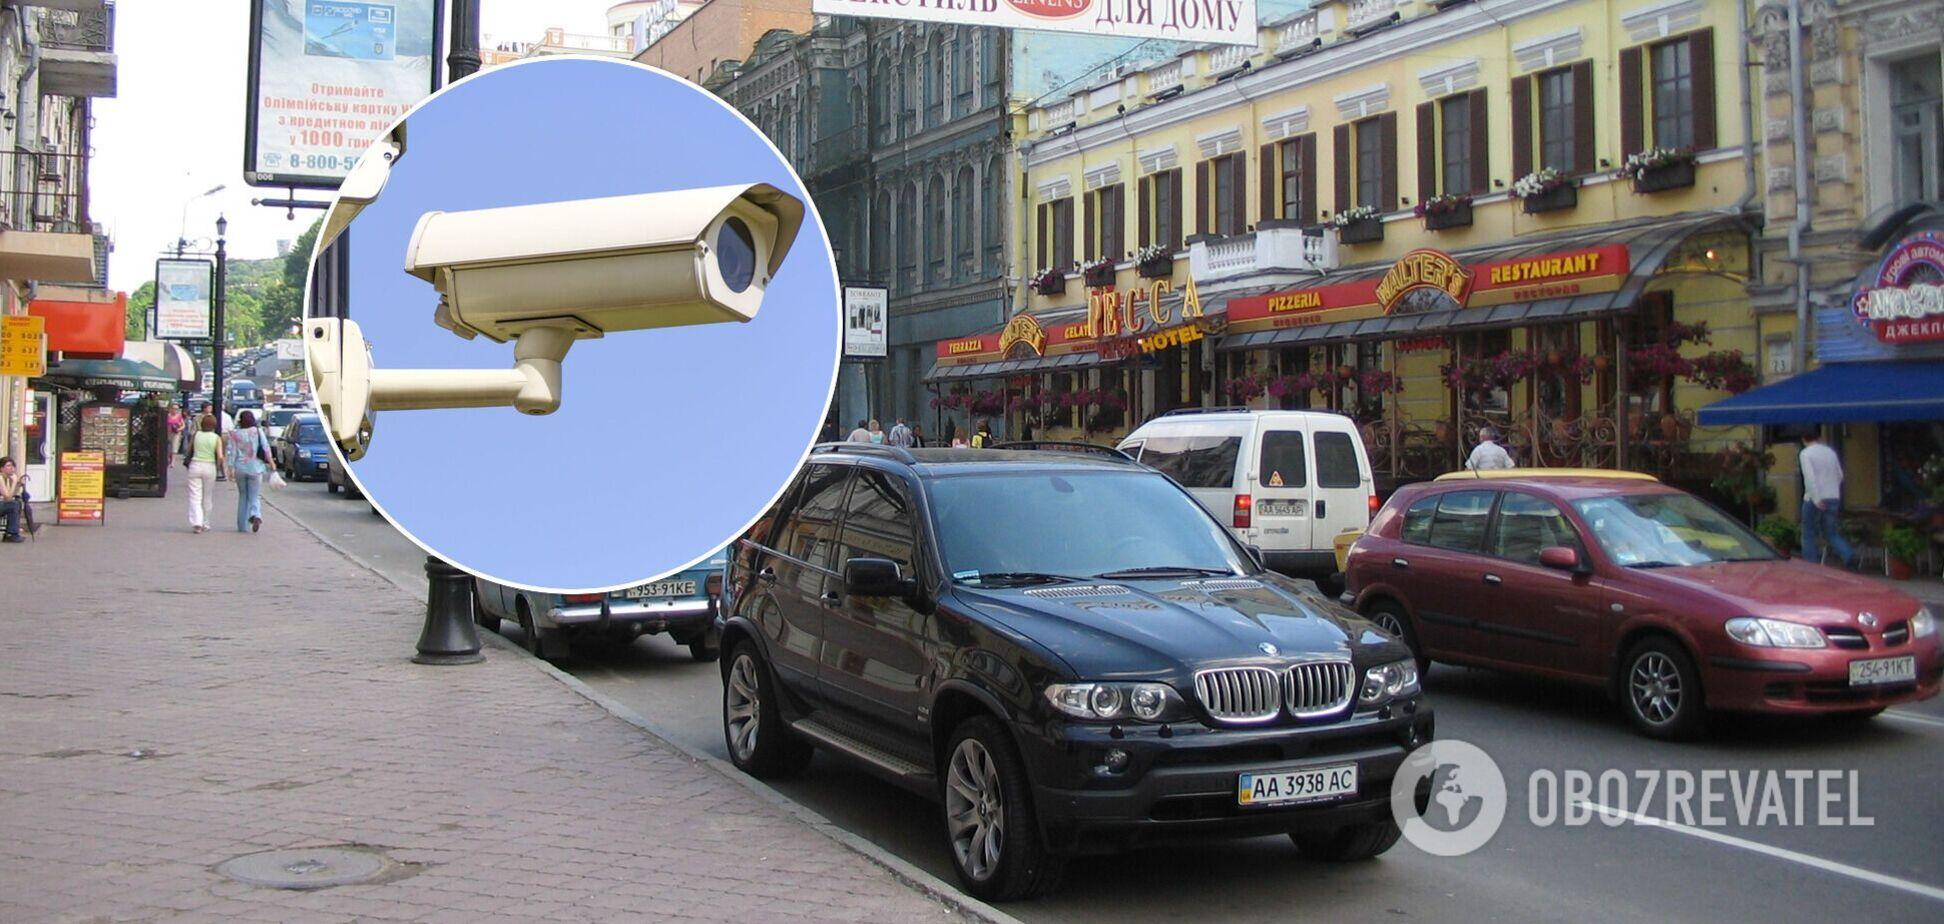 Системи спостереження з'являться на кількох вулицях столиці